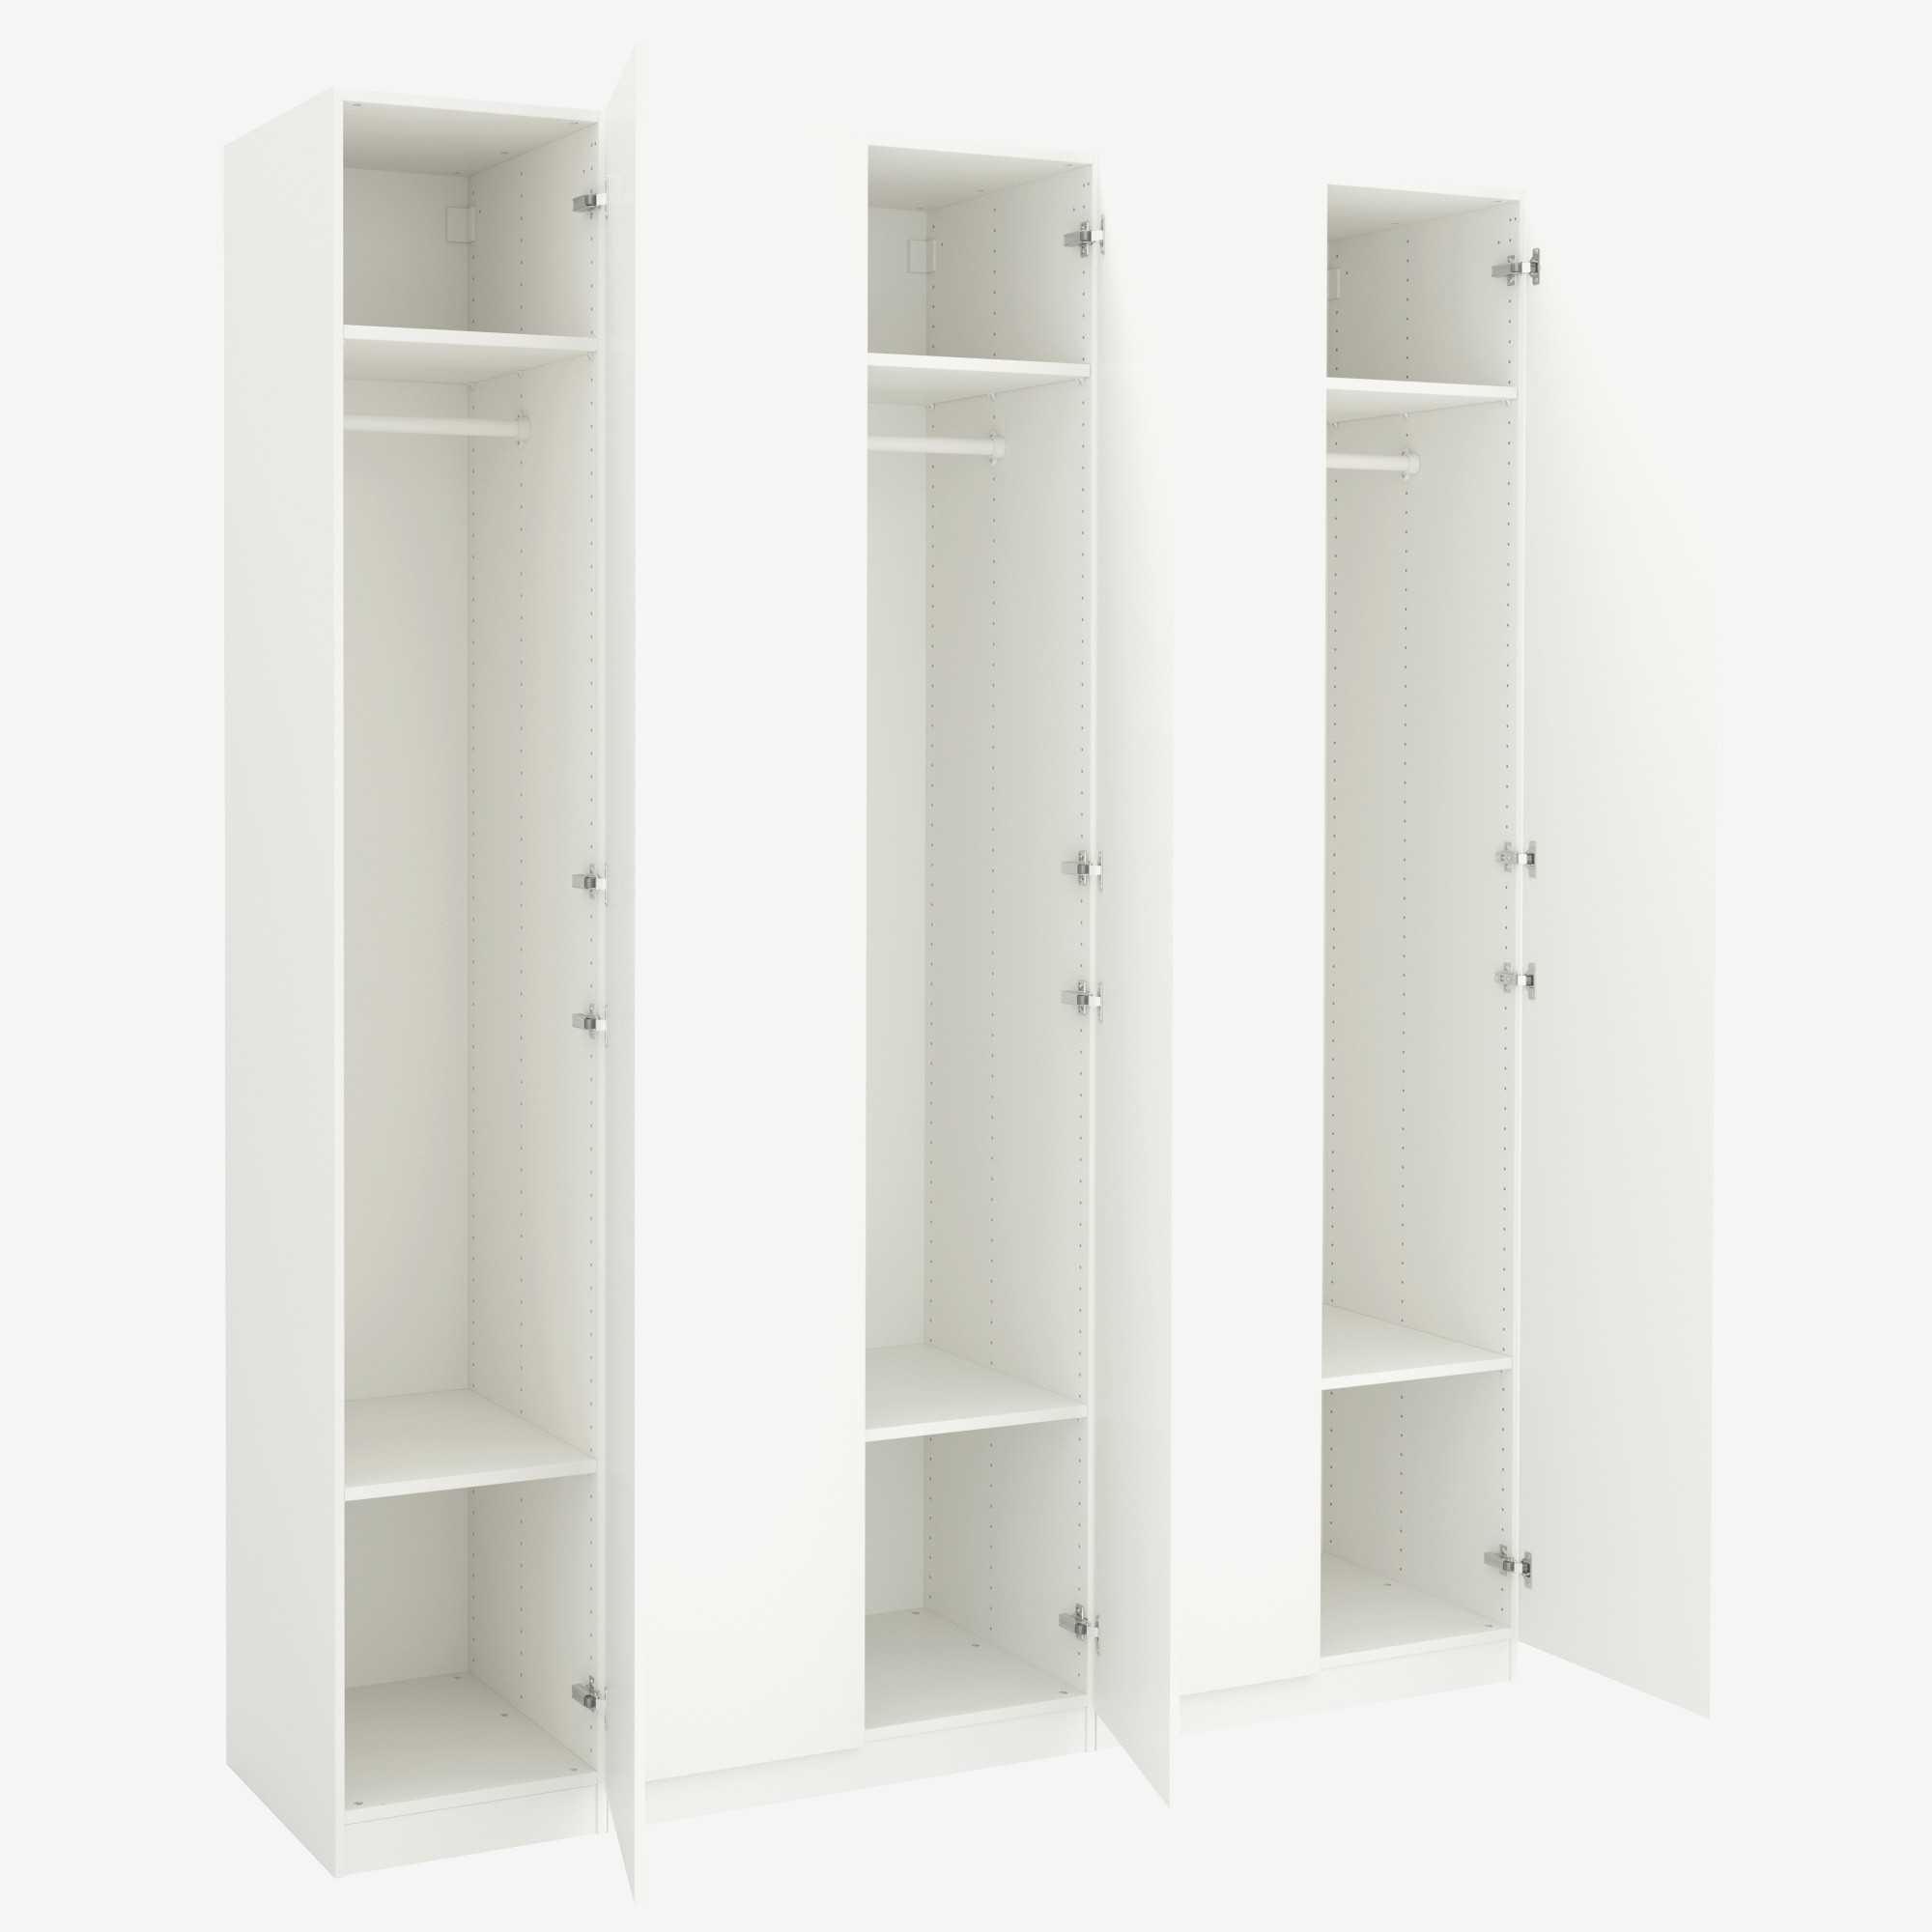 Muebles Cocina Fondo Reducido E6d5 Armarios Cocina Fondo Reducido Muebles Auxiliares Ikea Excellent